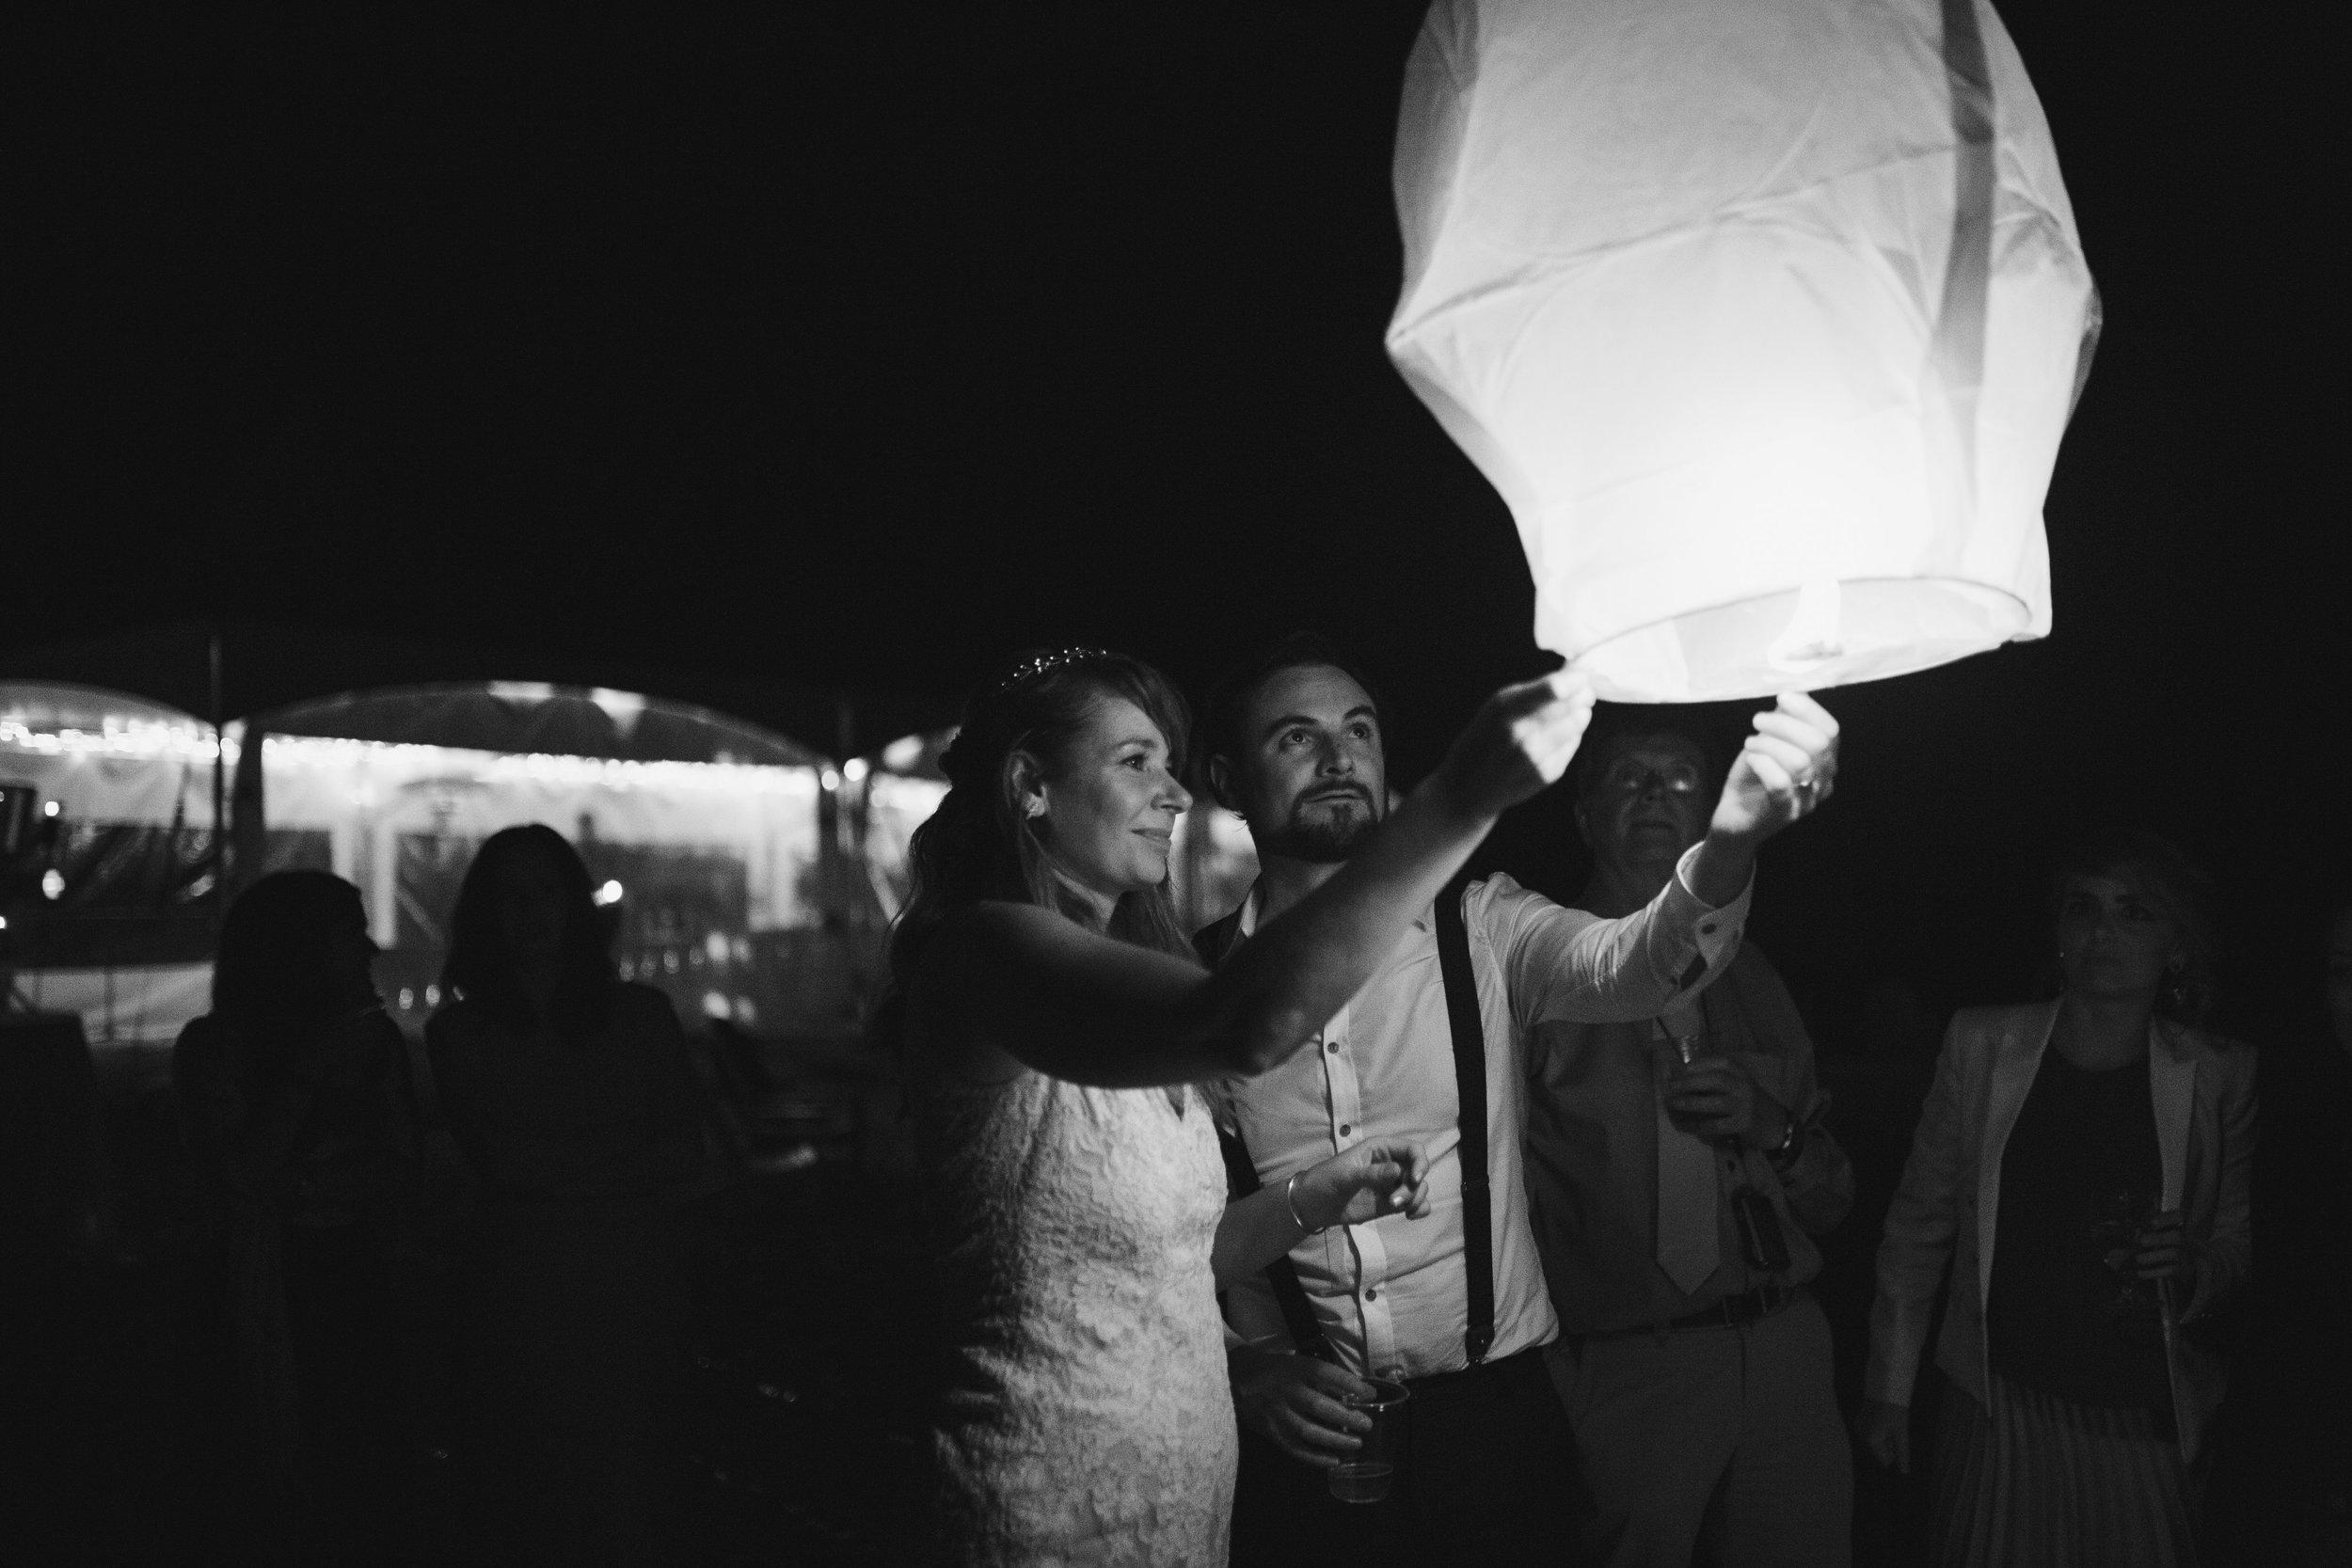 couple with paper lantern wickaninnish inn beach wedding tofino